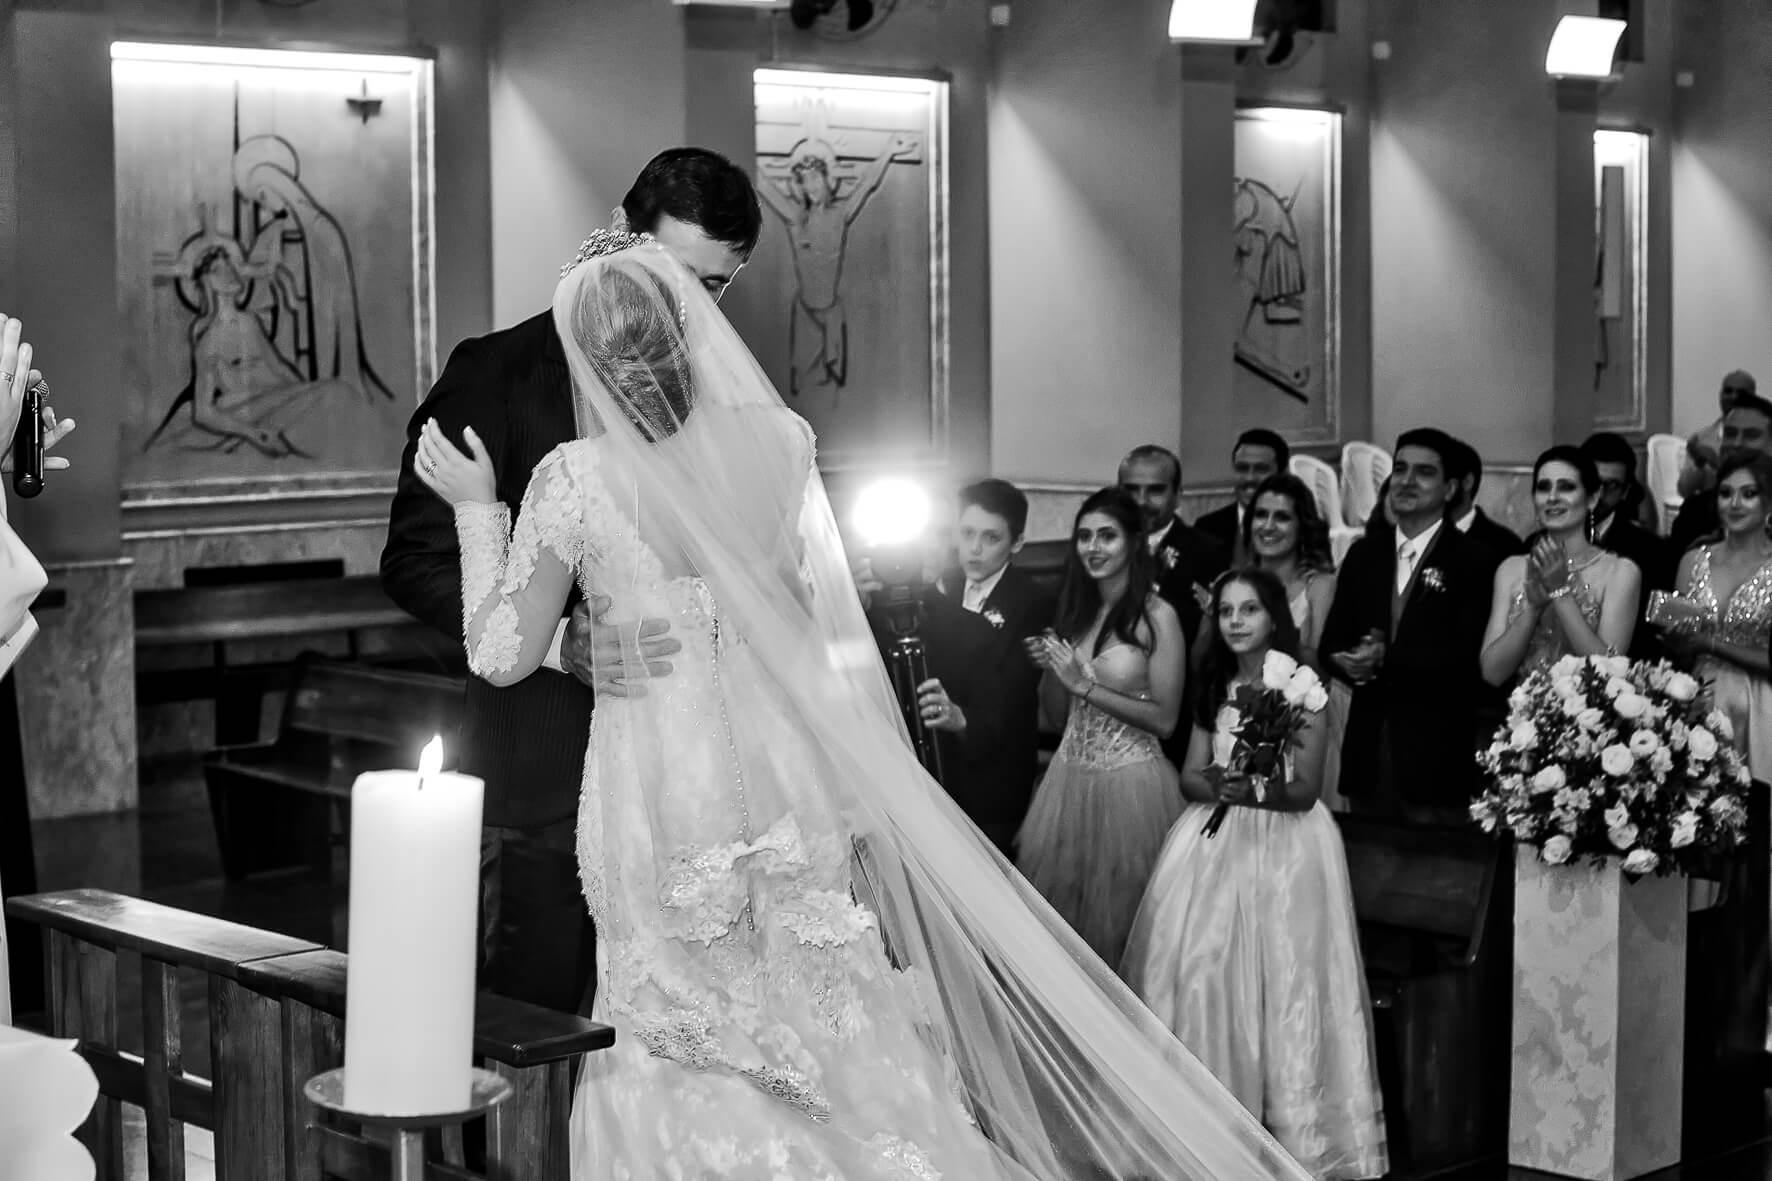 casamento-na-igreja-em-jaguariuna-sao-paulo-sp